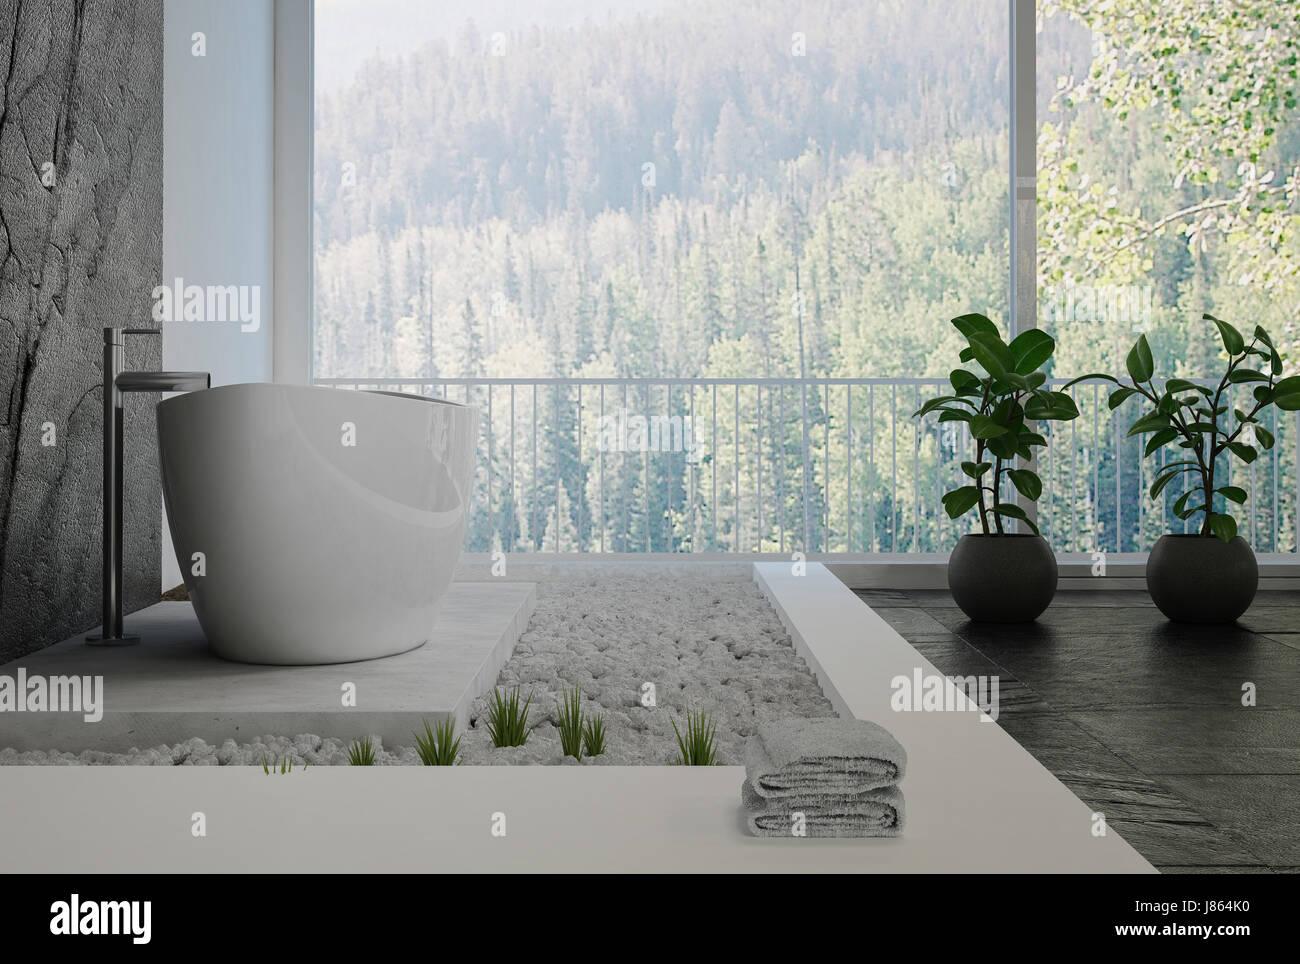 Carrelage En Galets Salle De Bain salle de bains design intérieur élégant avec un décor de